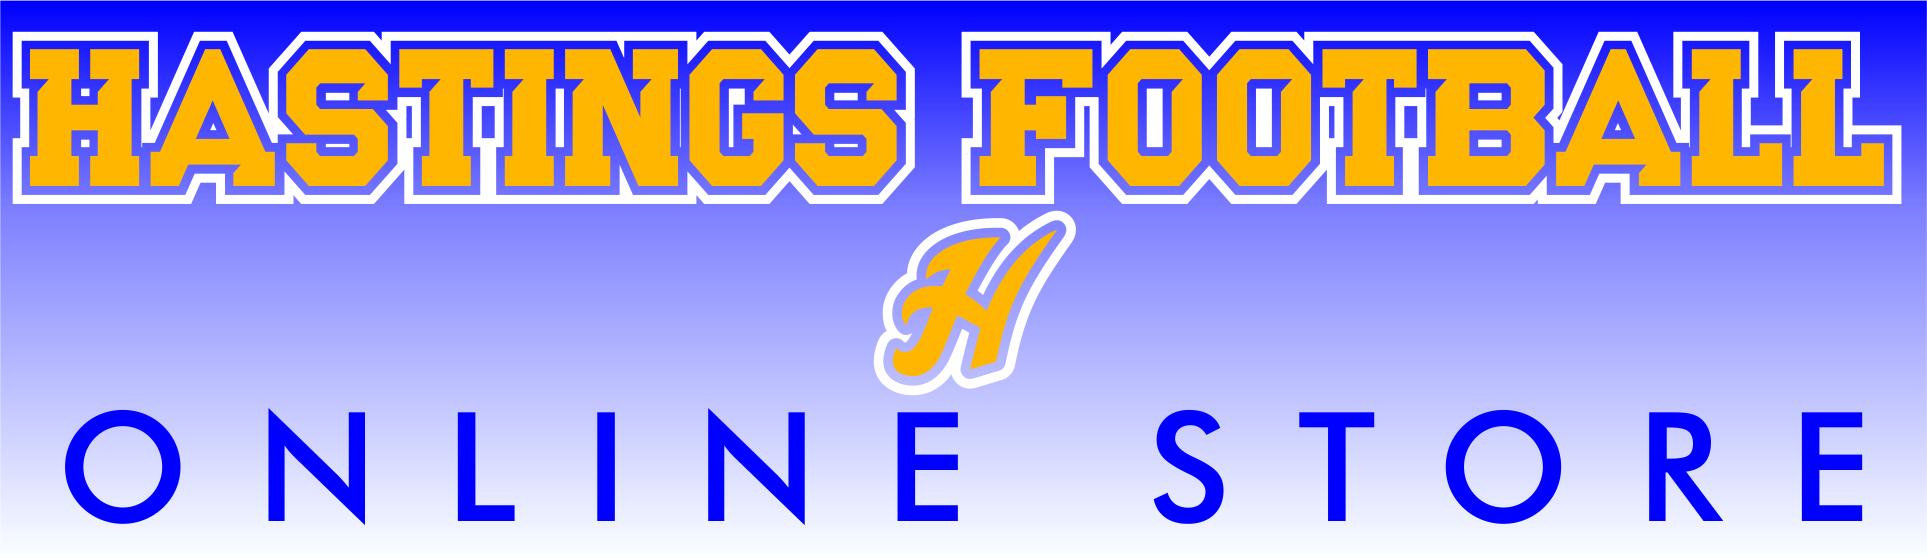 hhs-footbal-webstore-2016-banner.png